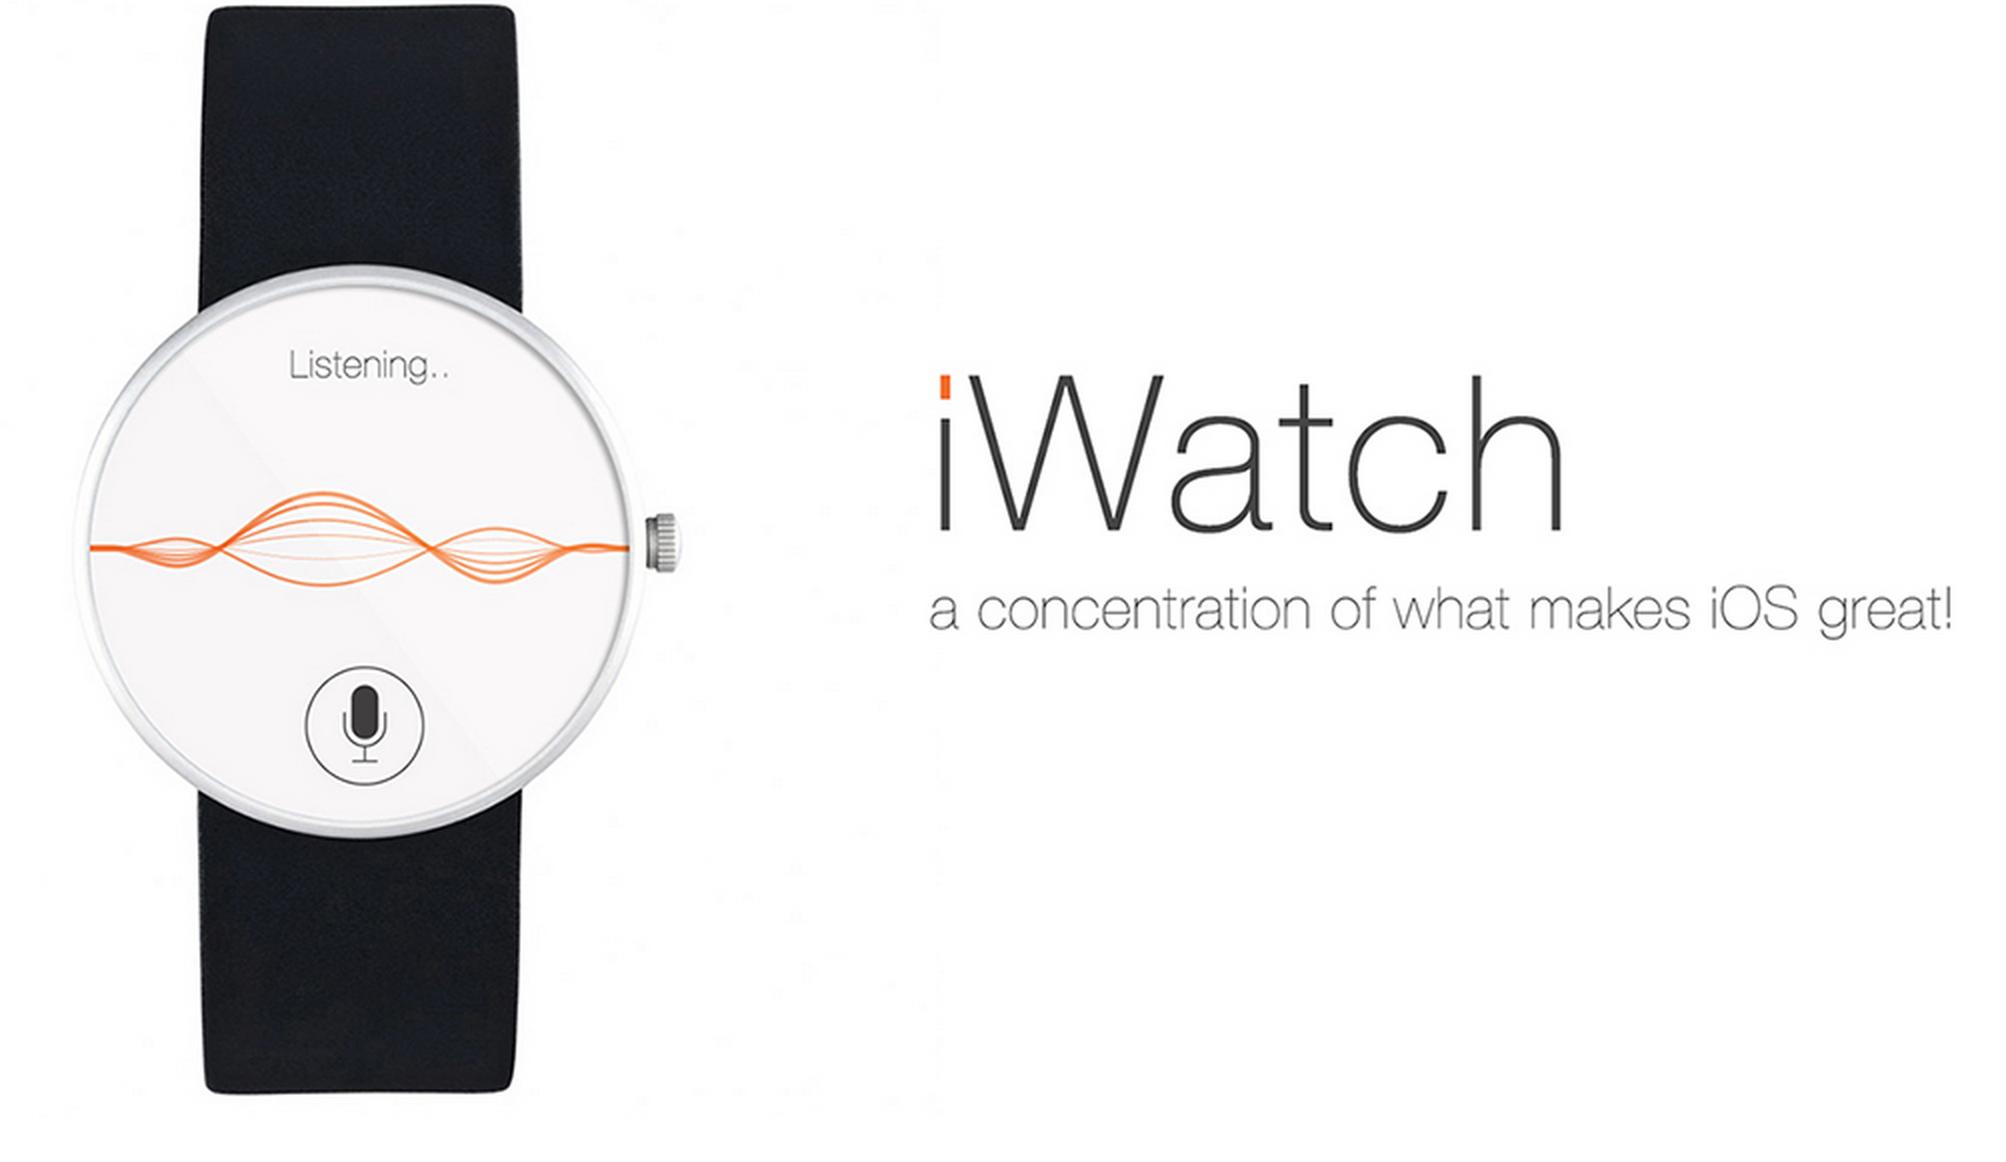 Как могут выглядеть iOS-приложения для iWatch: Siri, Healtbook и другие